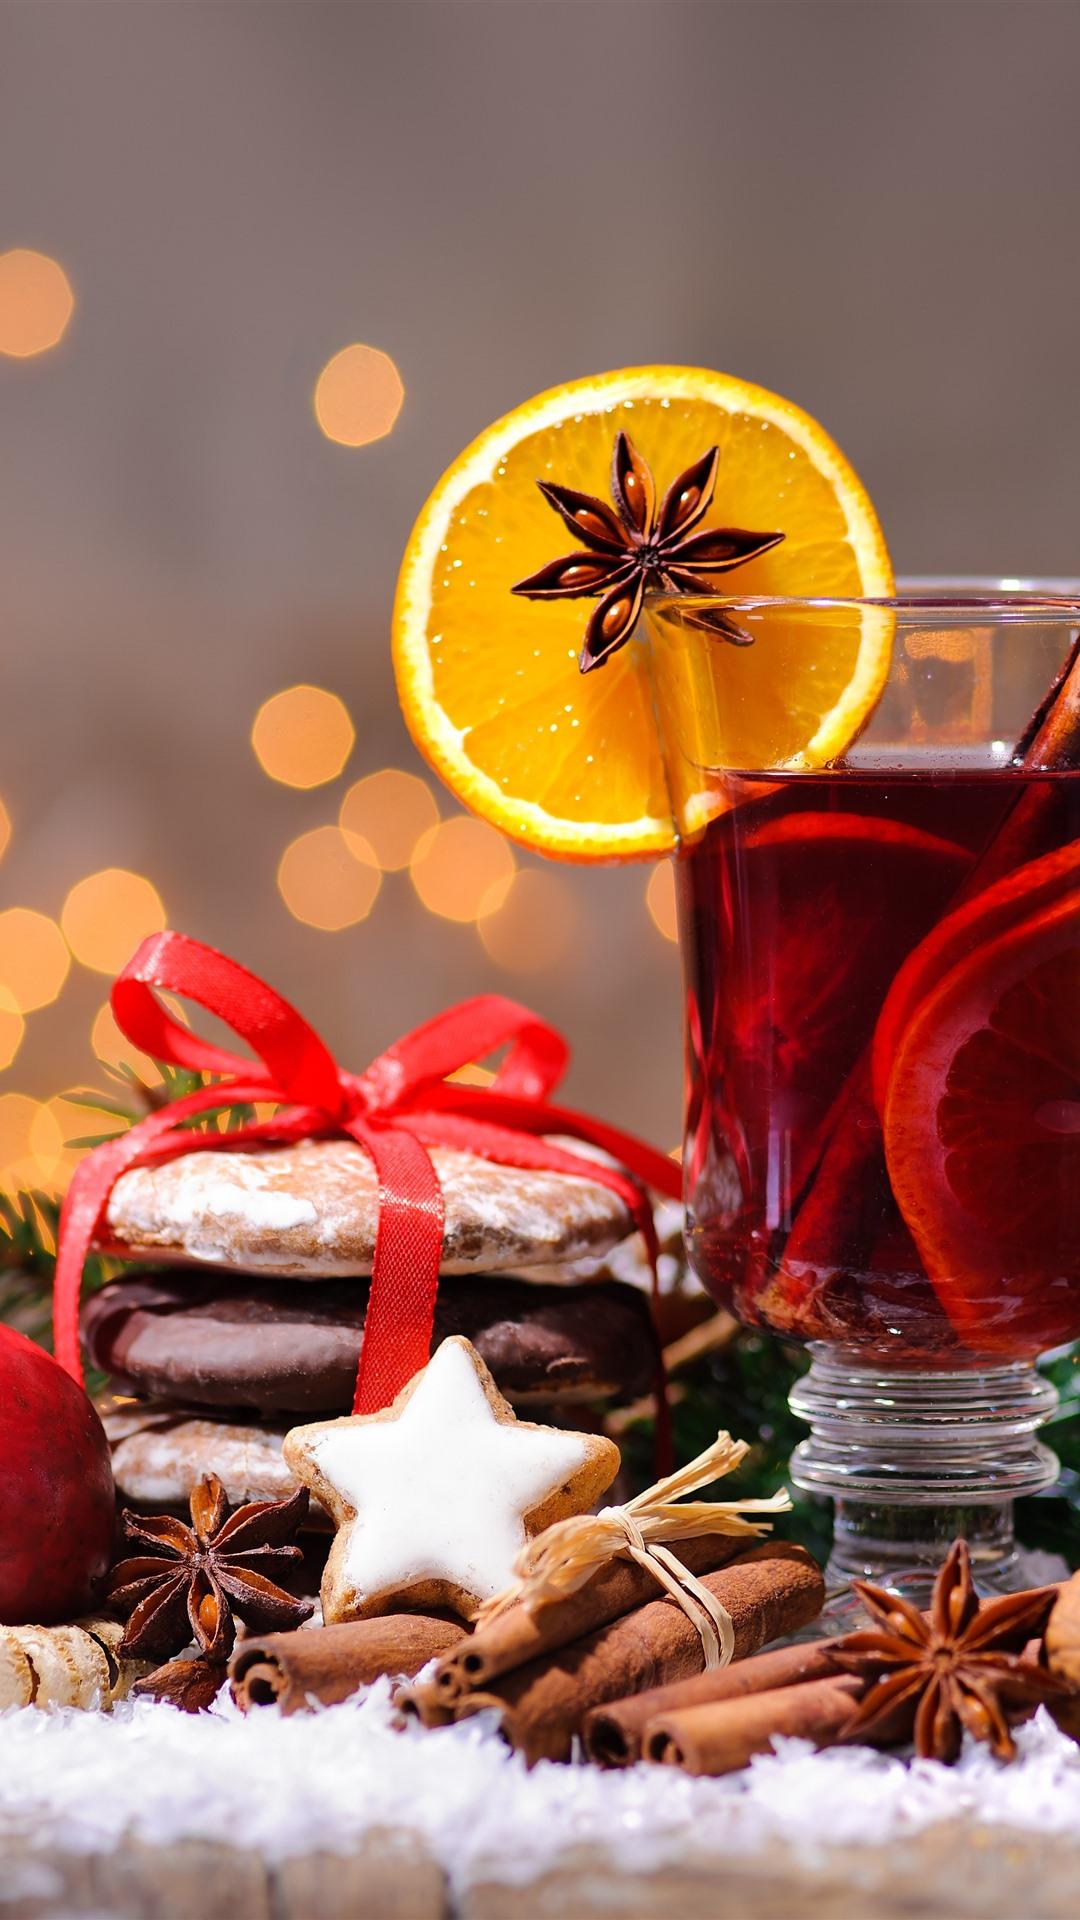 壁紙 メリークリスマス 紅茶 シナモン オレンジスライス 赤リンゴ ナッツ 果実 51x Uhd 5k 無料のデスクトップの背景 画像